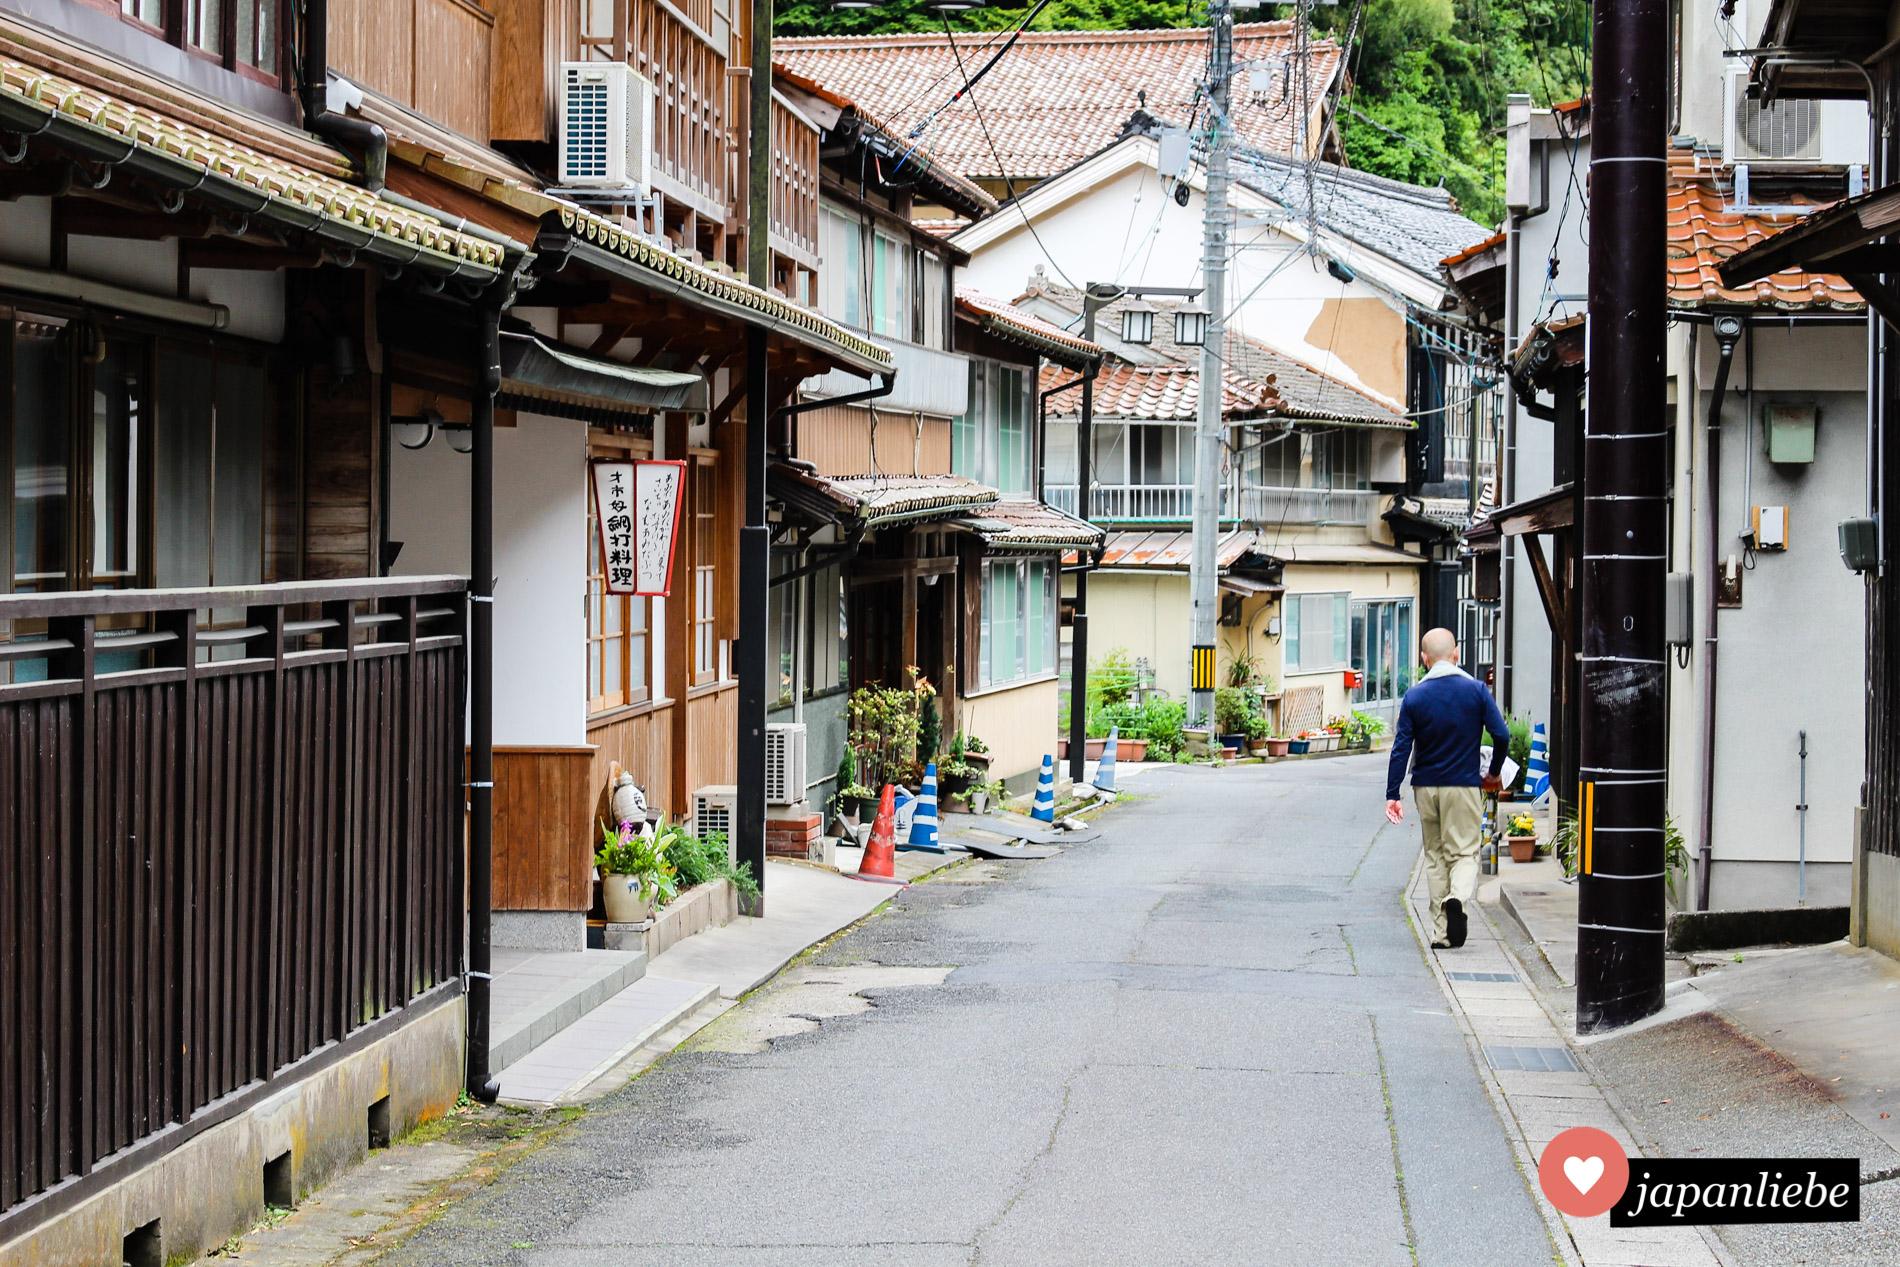 Die kleine Hafenstadt Yunotsu ist heute weniger fürs Verschiffen von Silber als für ihre traditionellen Onsen bekannt.